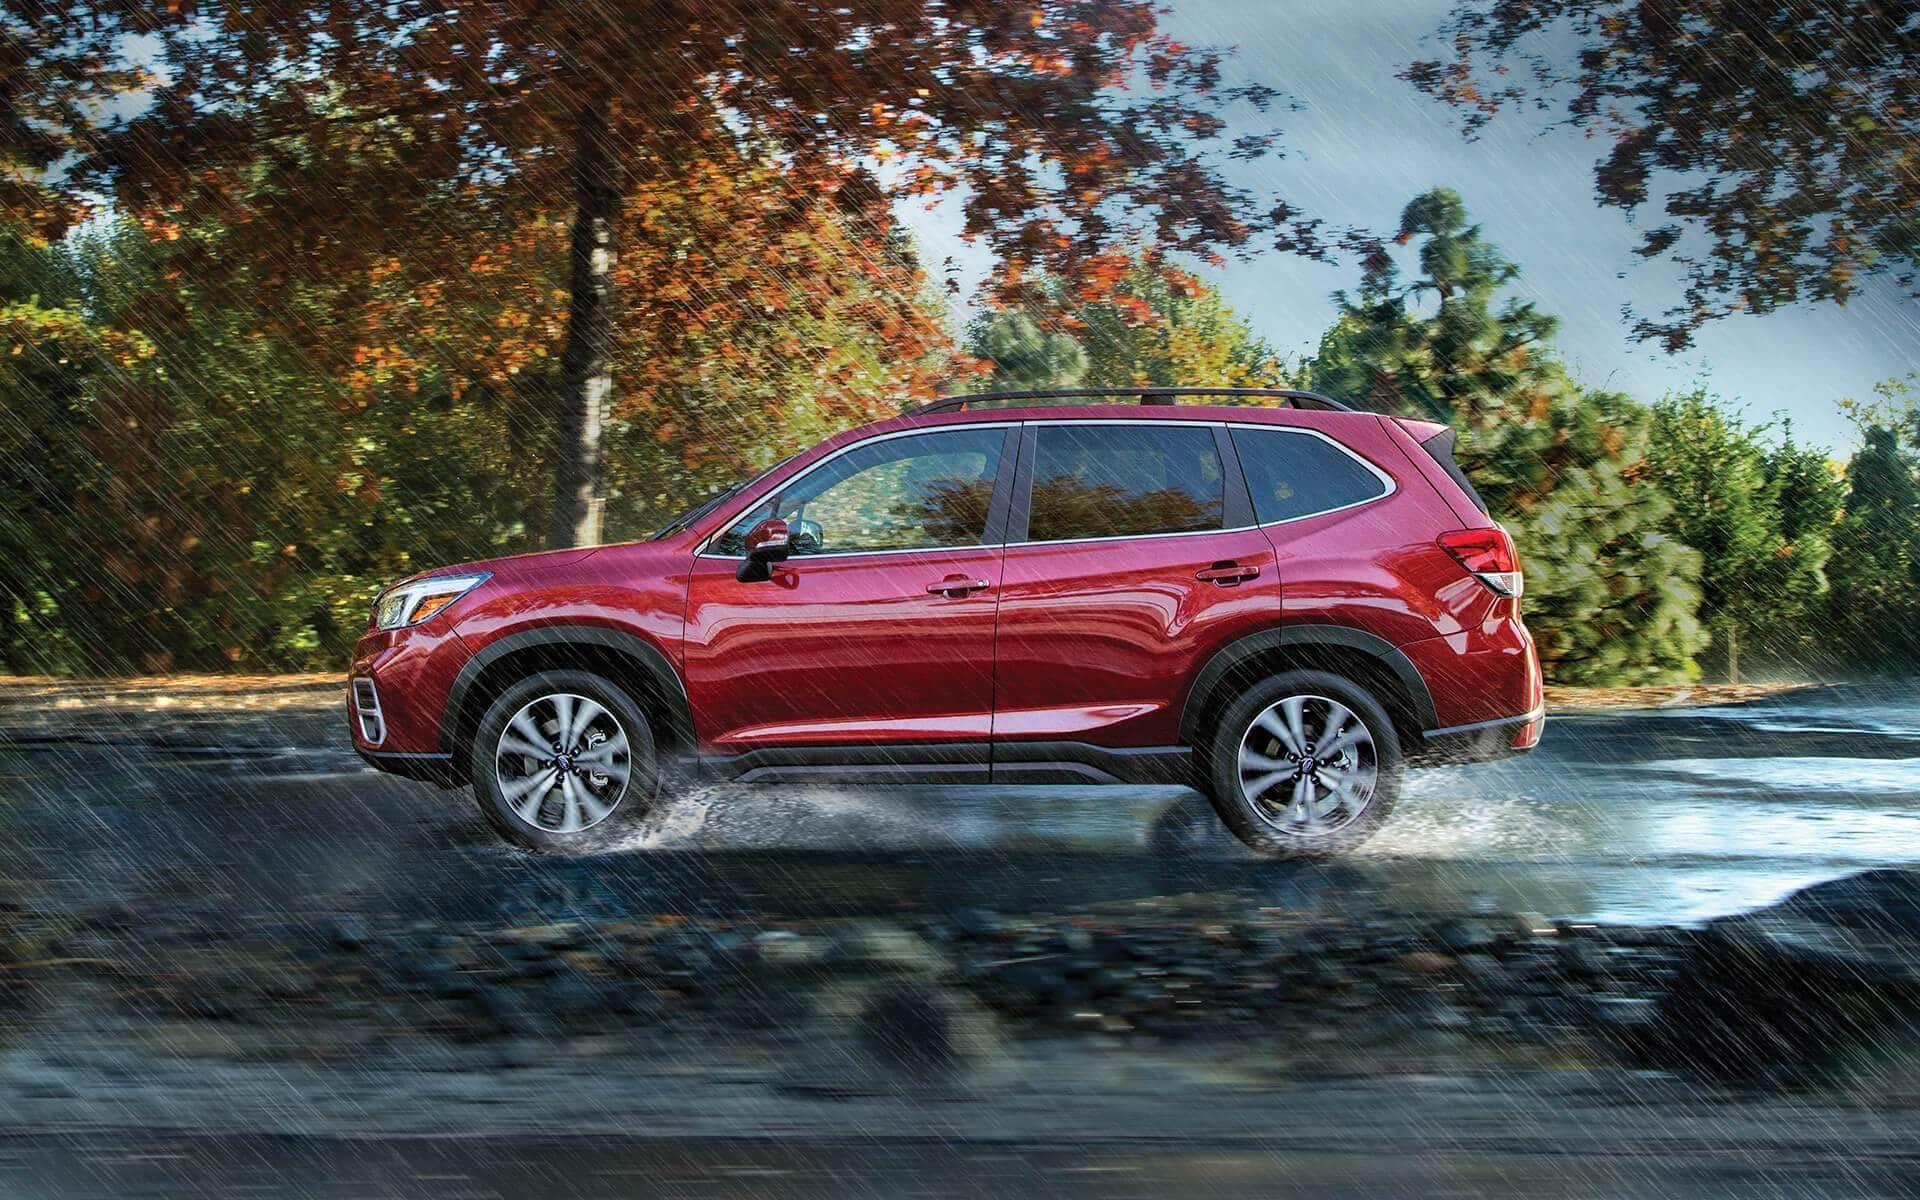 2019 Nissan Rogue in Covington, LA vs Subaru Forester